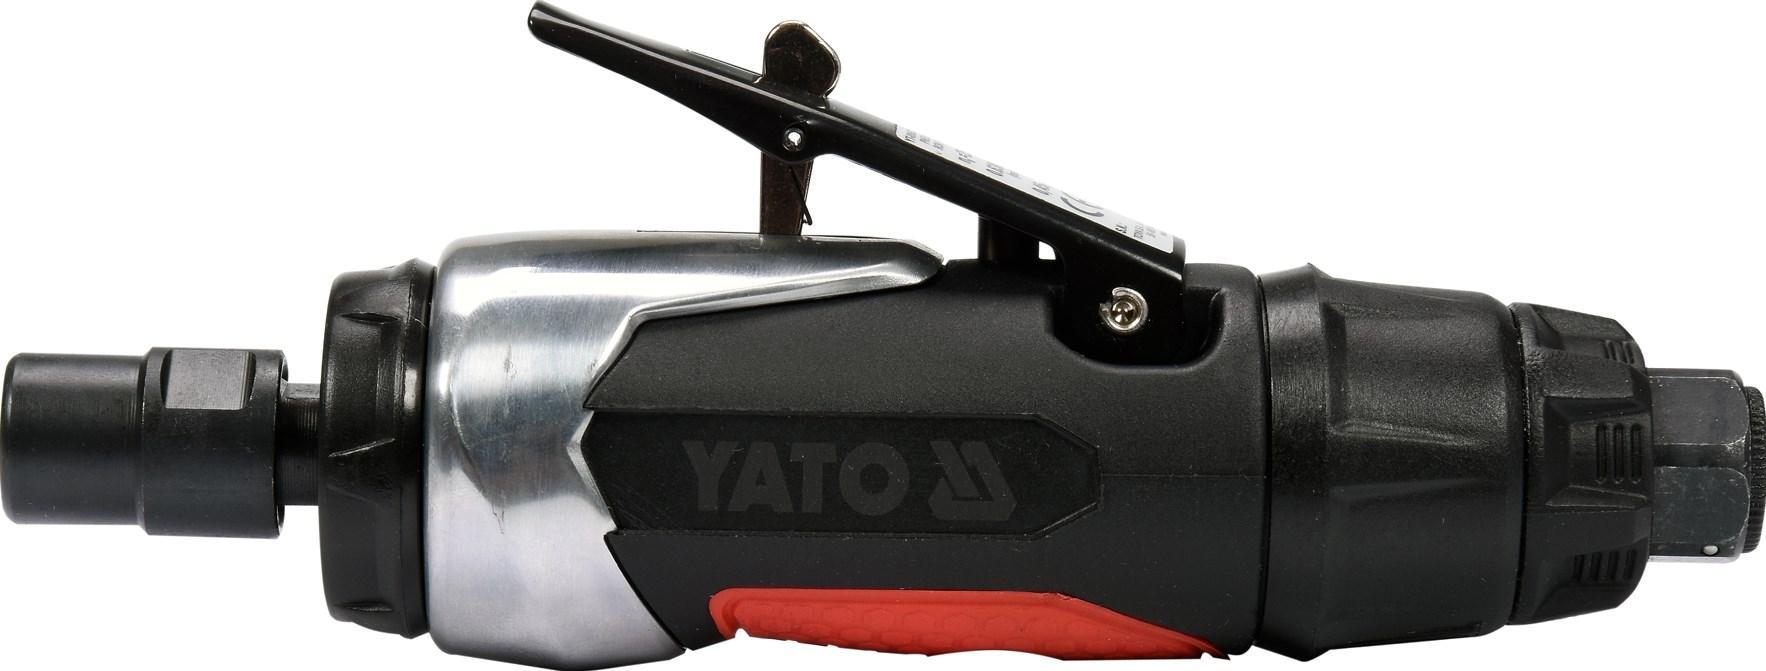 YT-09632 Stabschleifer YATO in Original Qualität